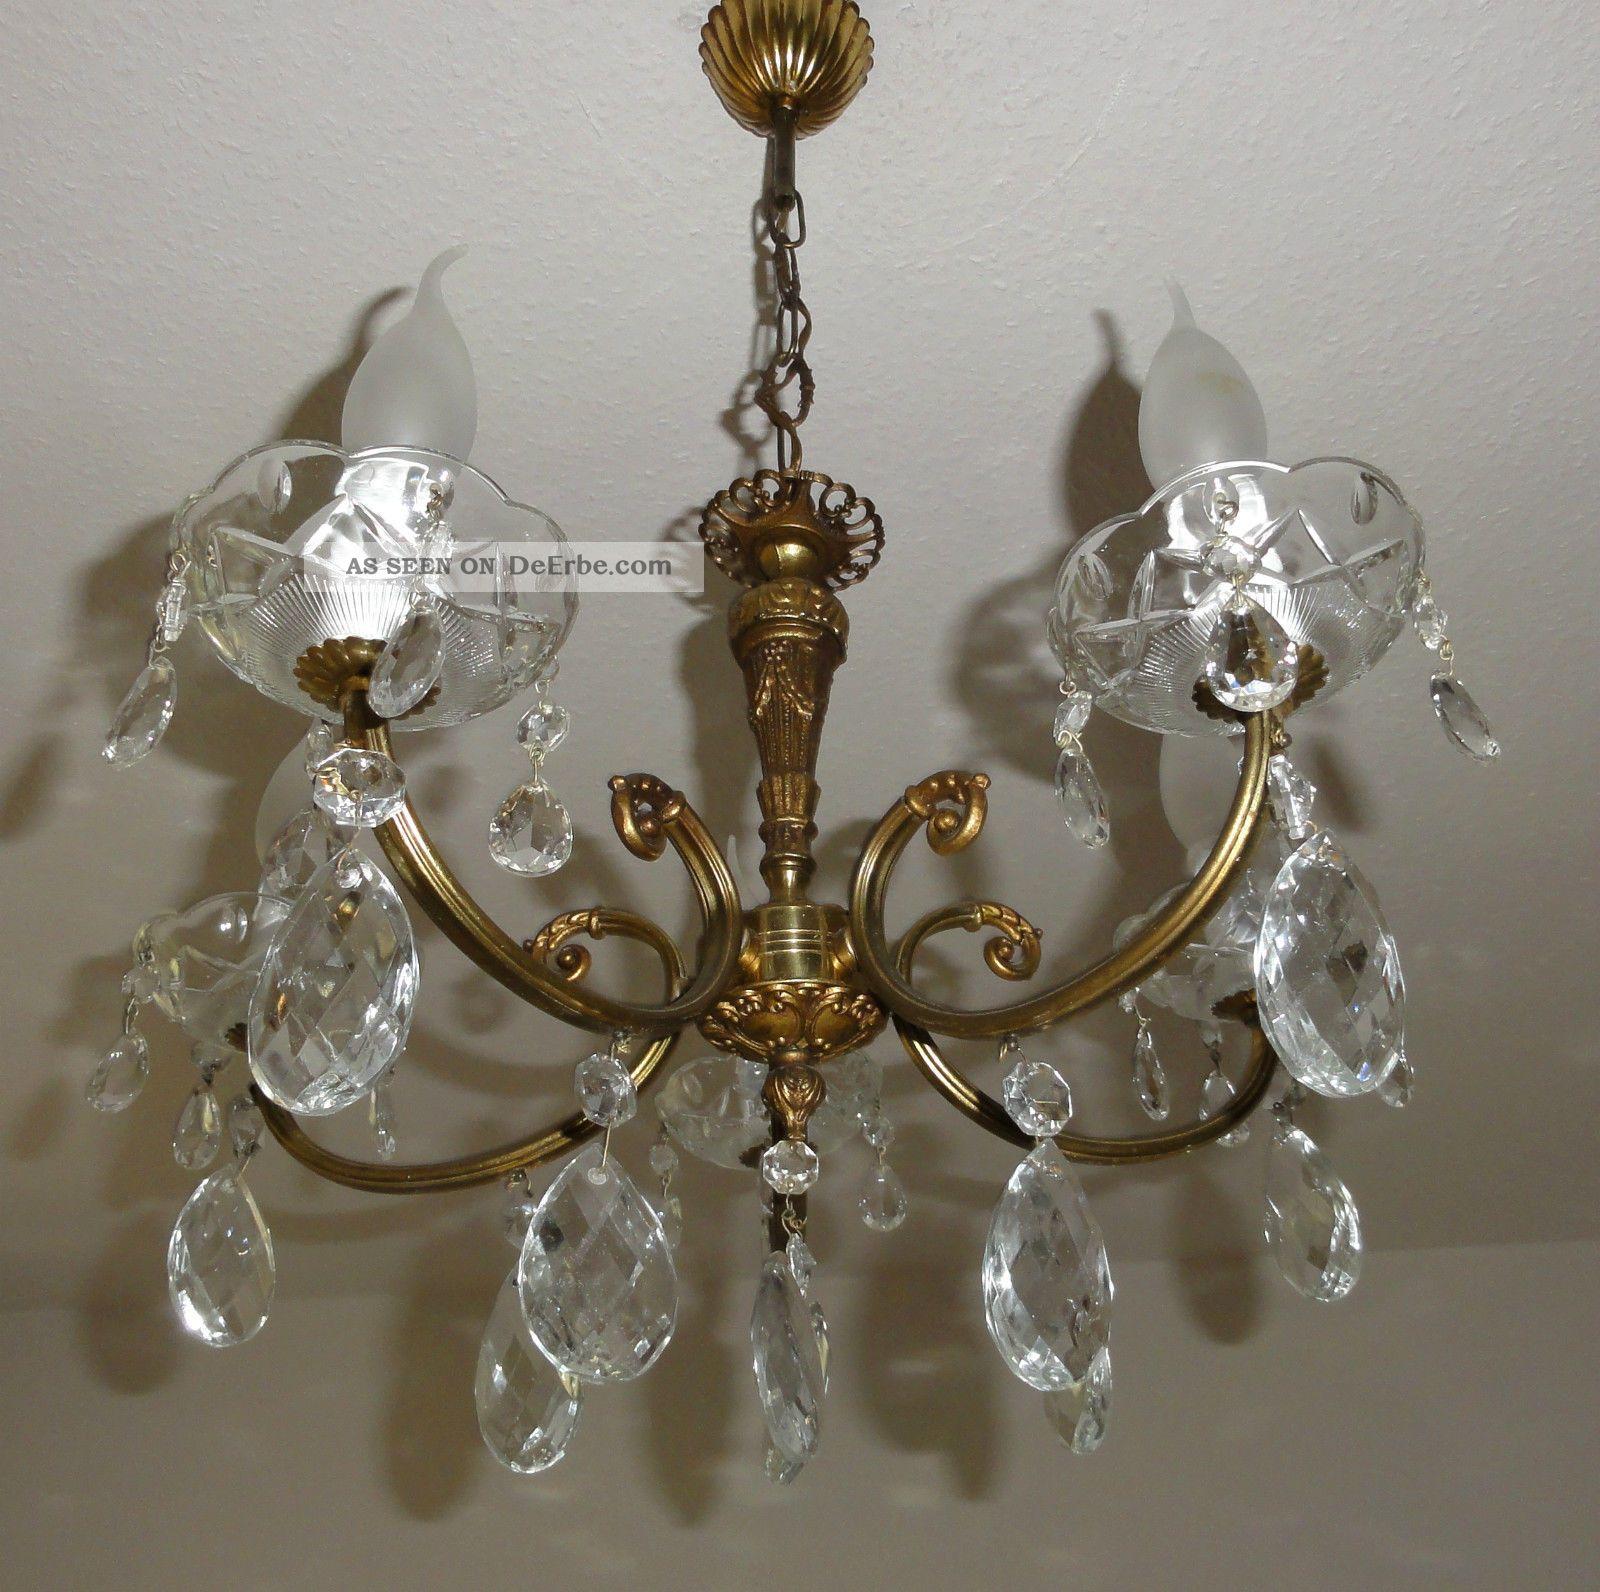 kronleuchter l sterbehang messing lampe l ster france antik shabby landhaus. Black Bedroom Furniture Sets. Home Design Ideas